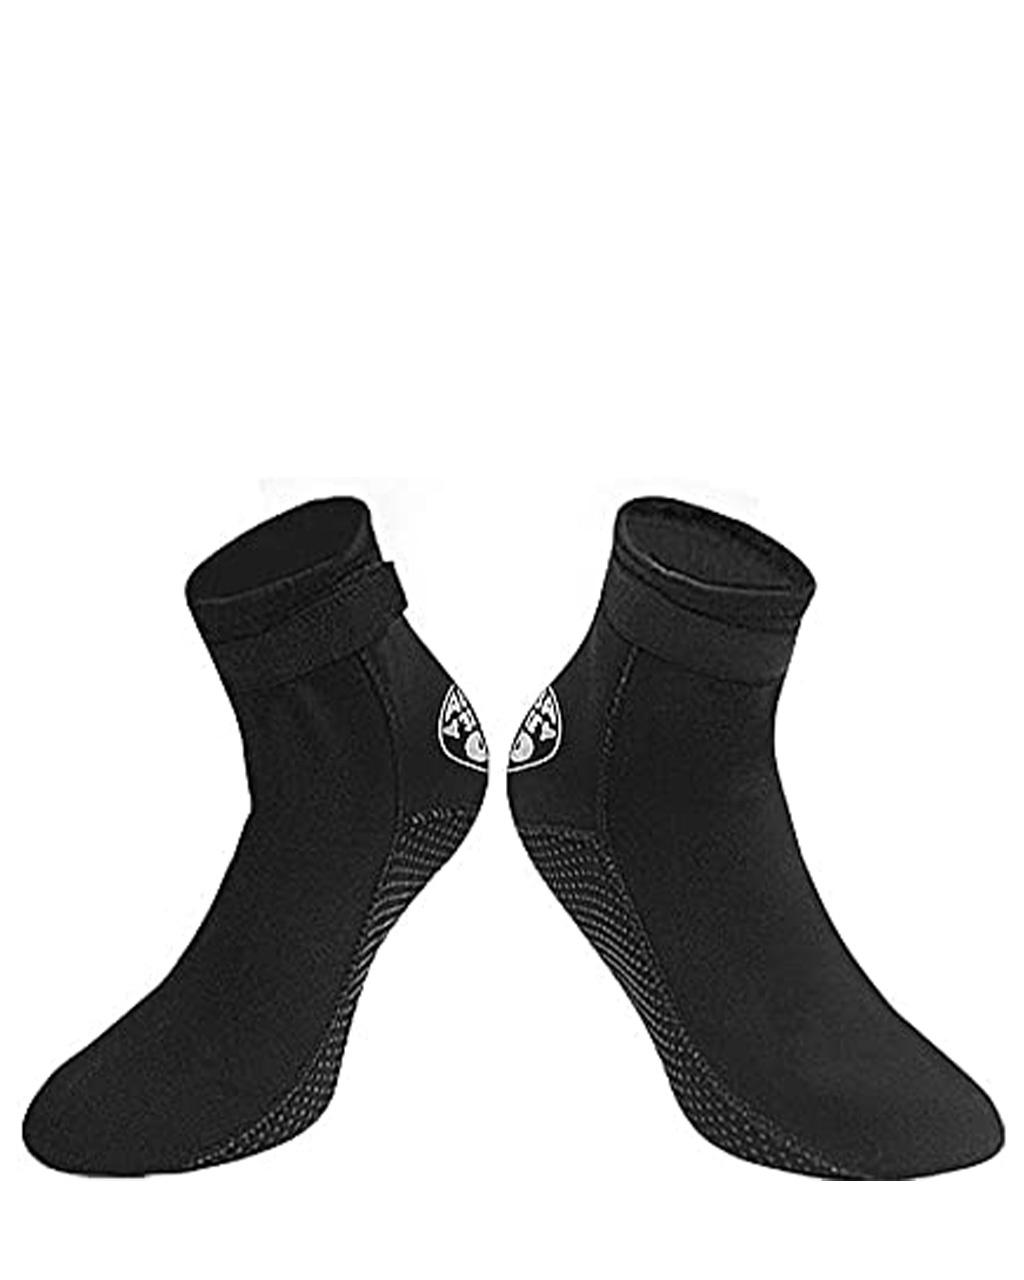 Tri It Multisport Scuba Donkey Neoprene Swim Socks